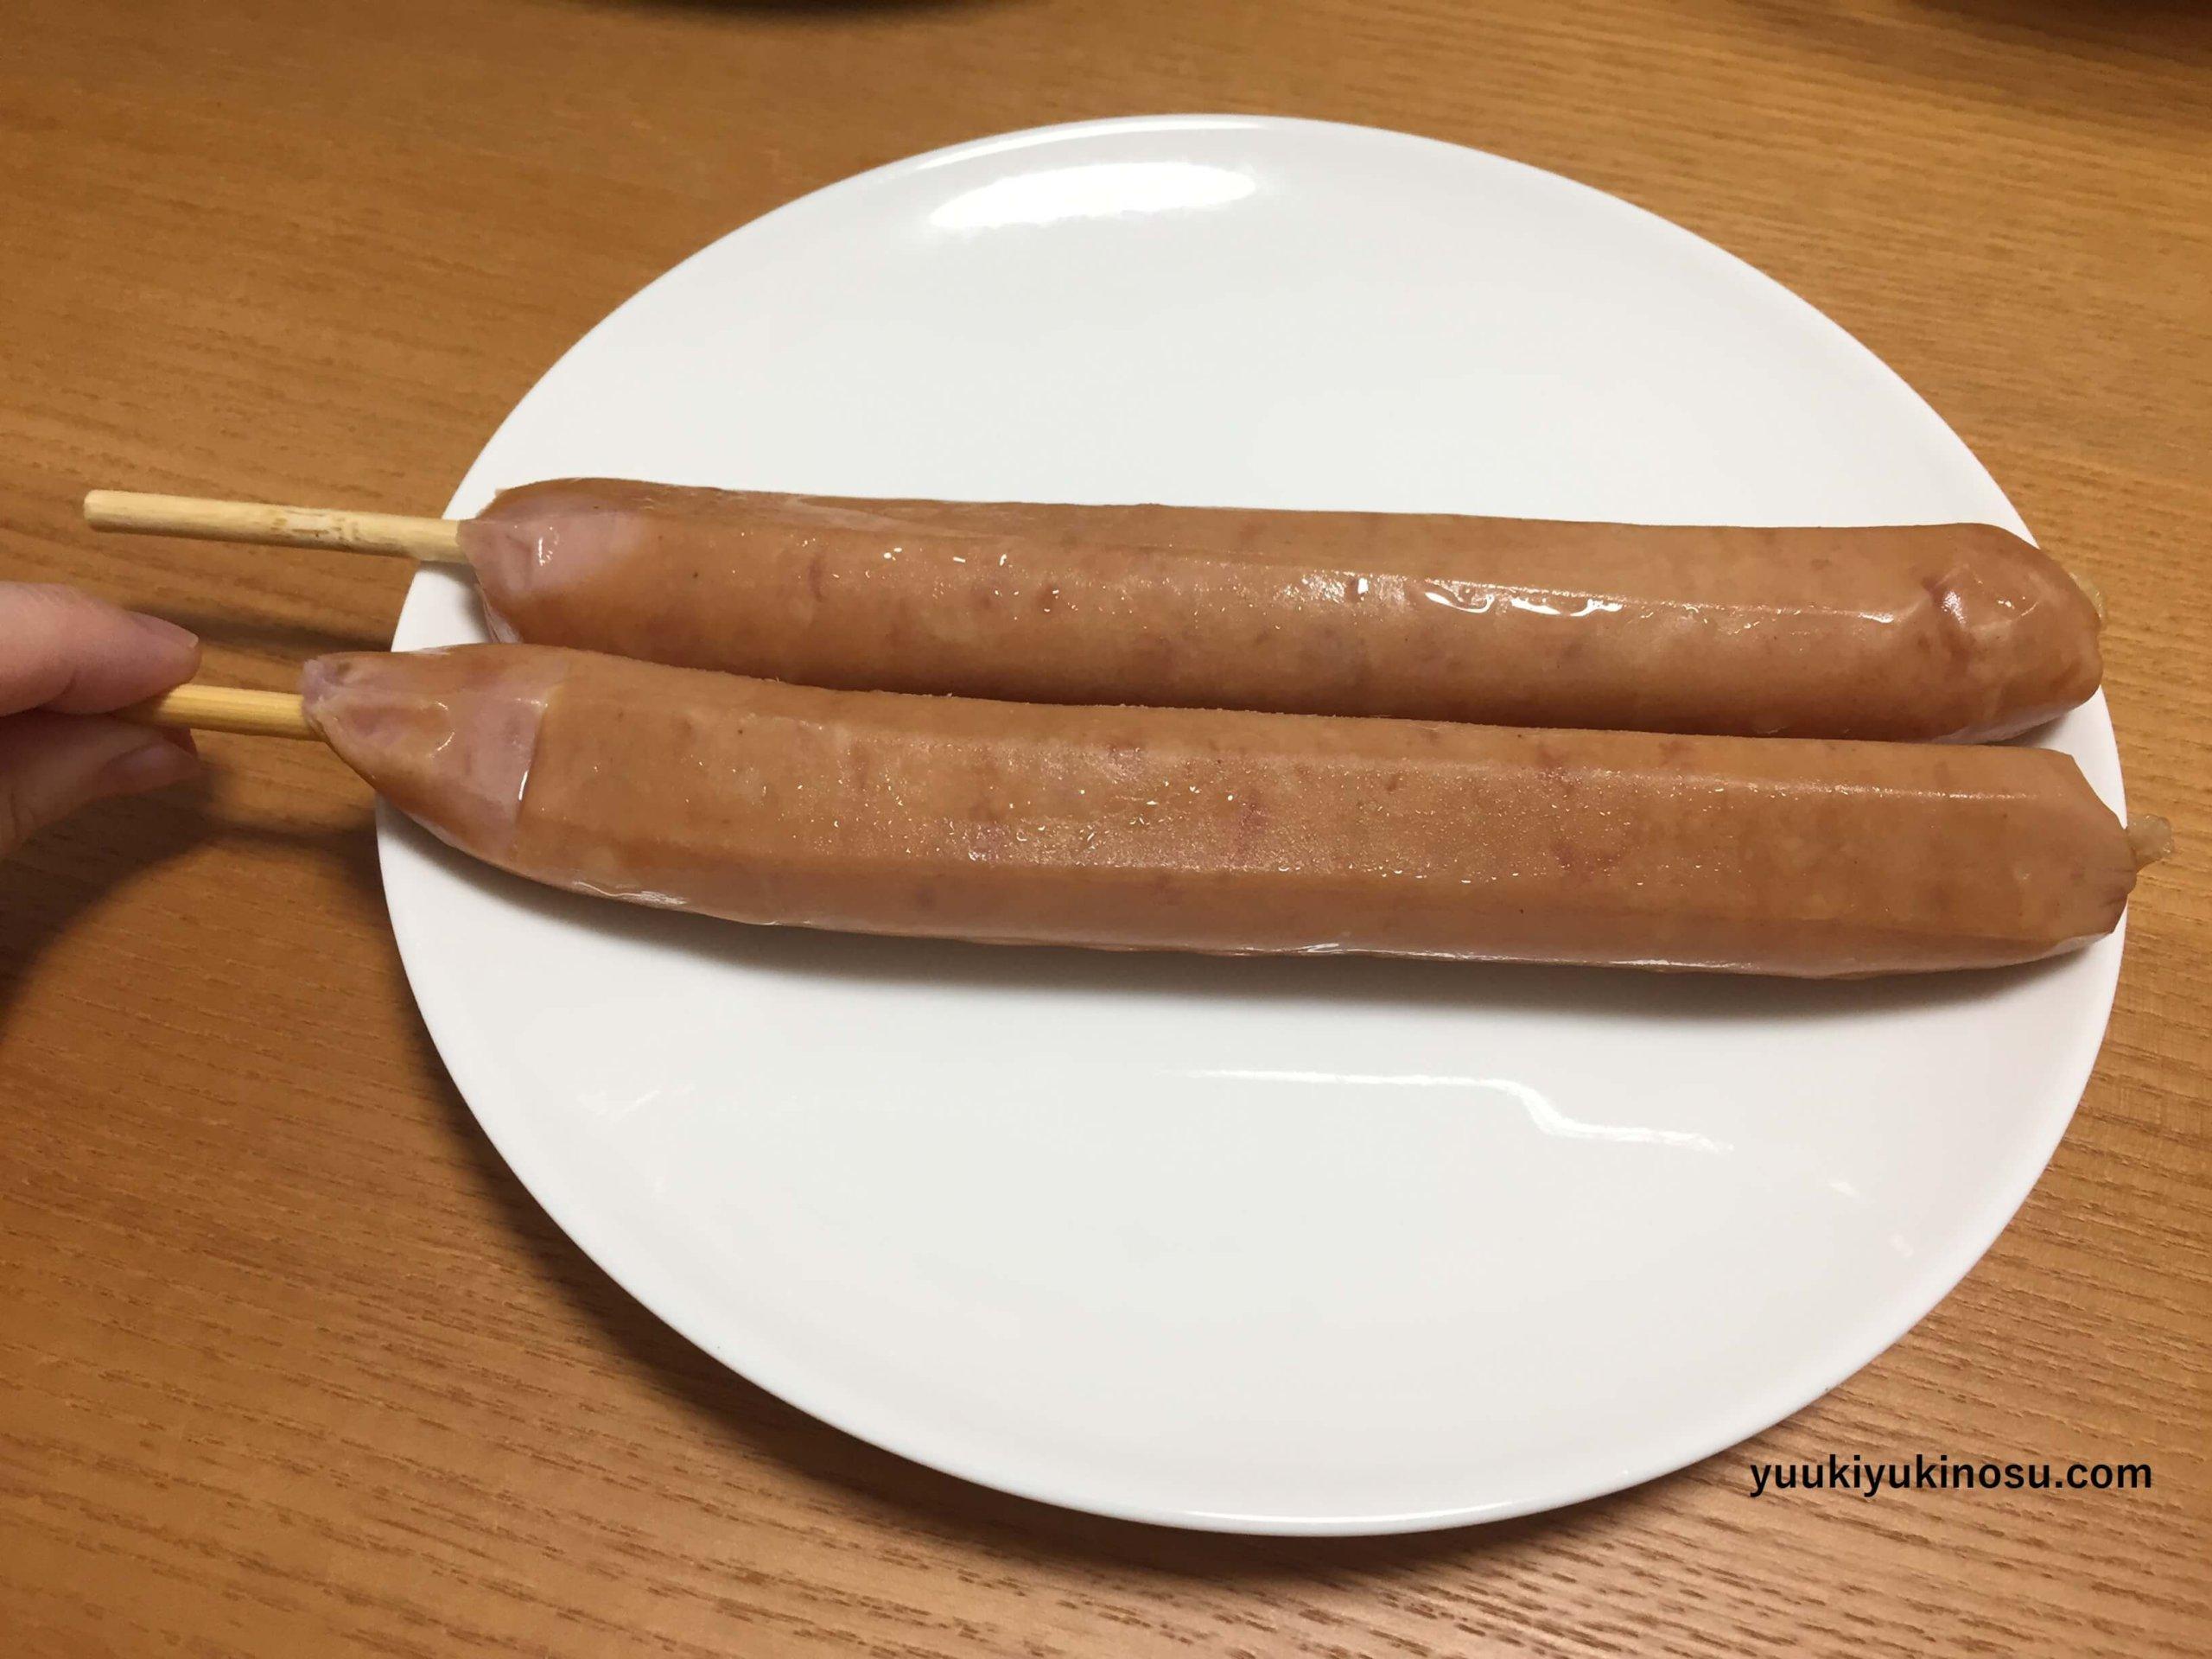 業務スーパー 冷凍 串付き フランクフルト 粗挽き串フランク 価格 食べ方 バーベキュー ホットプレート 大きさ ビッグ